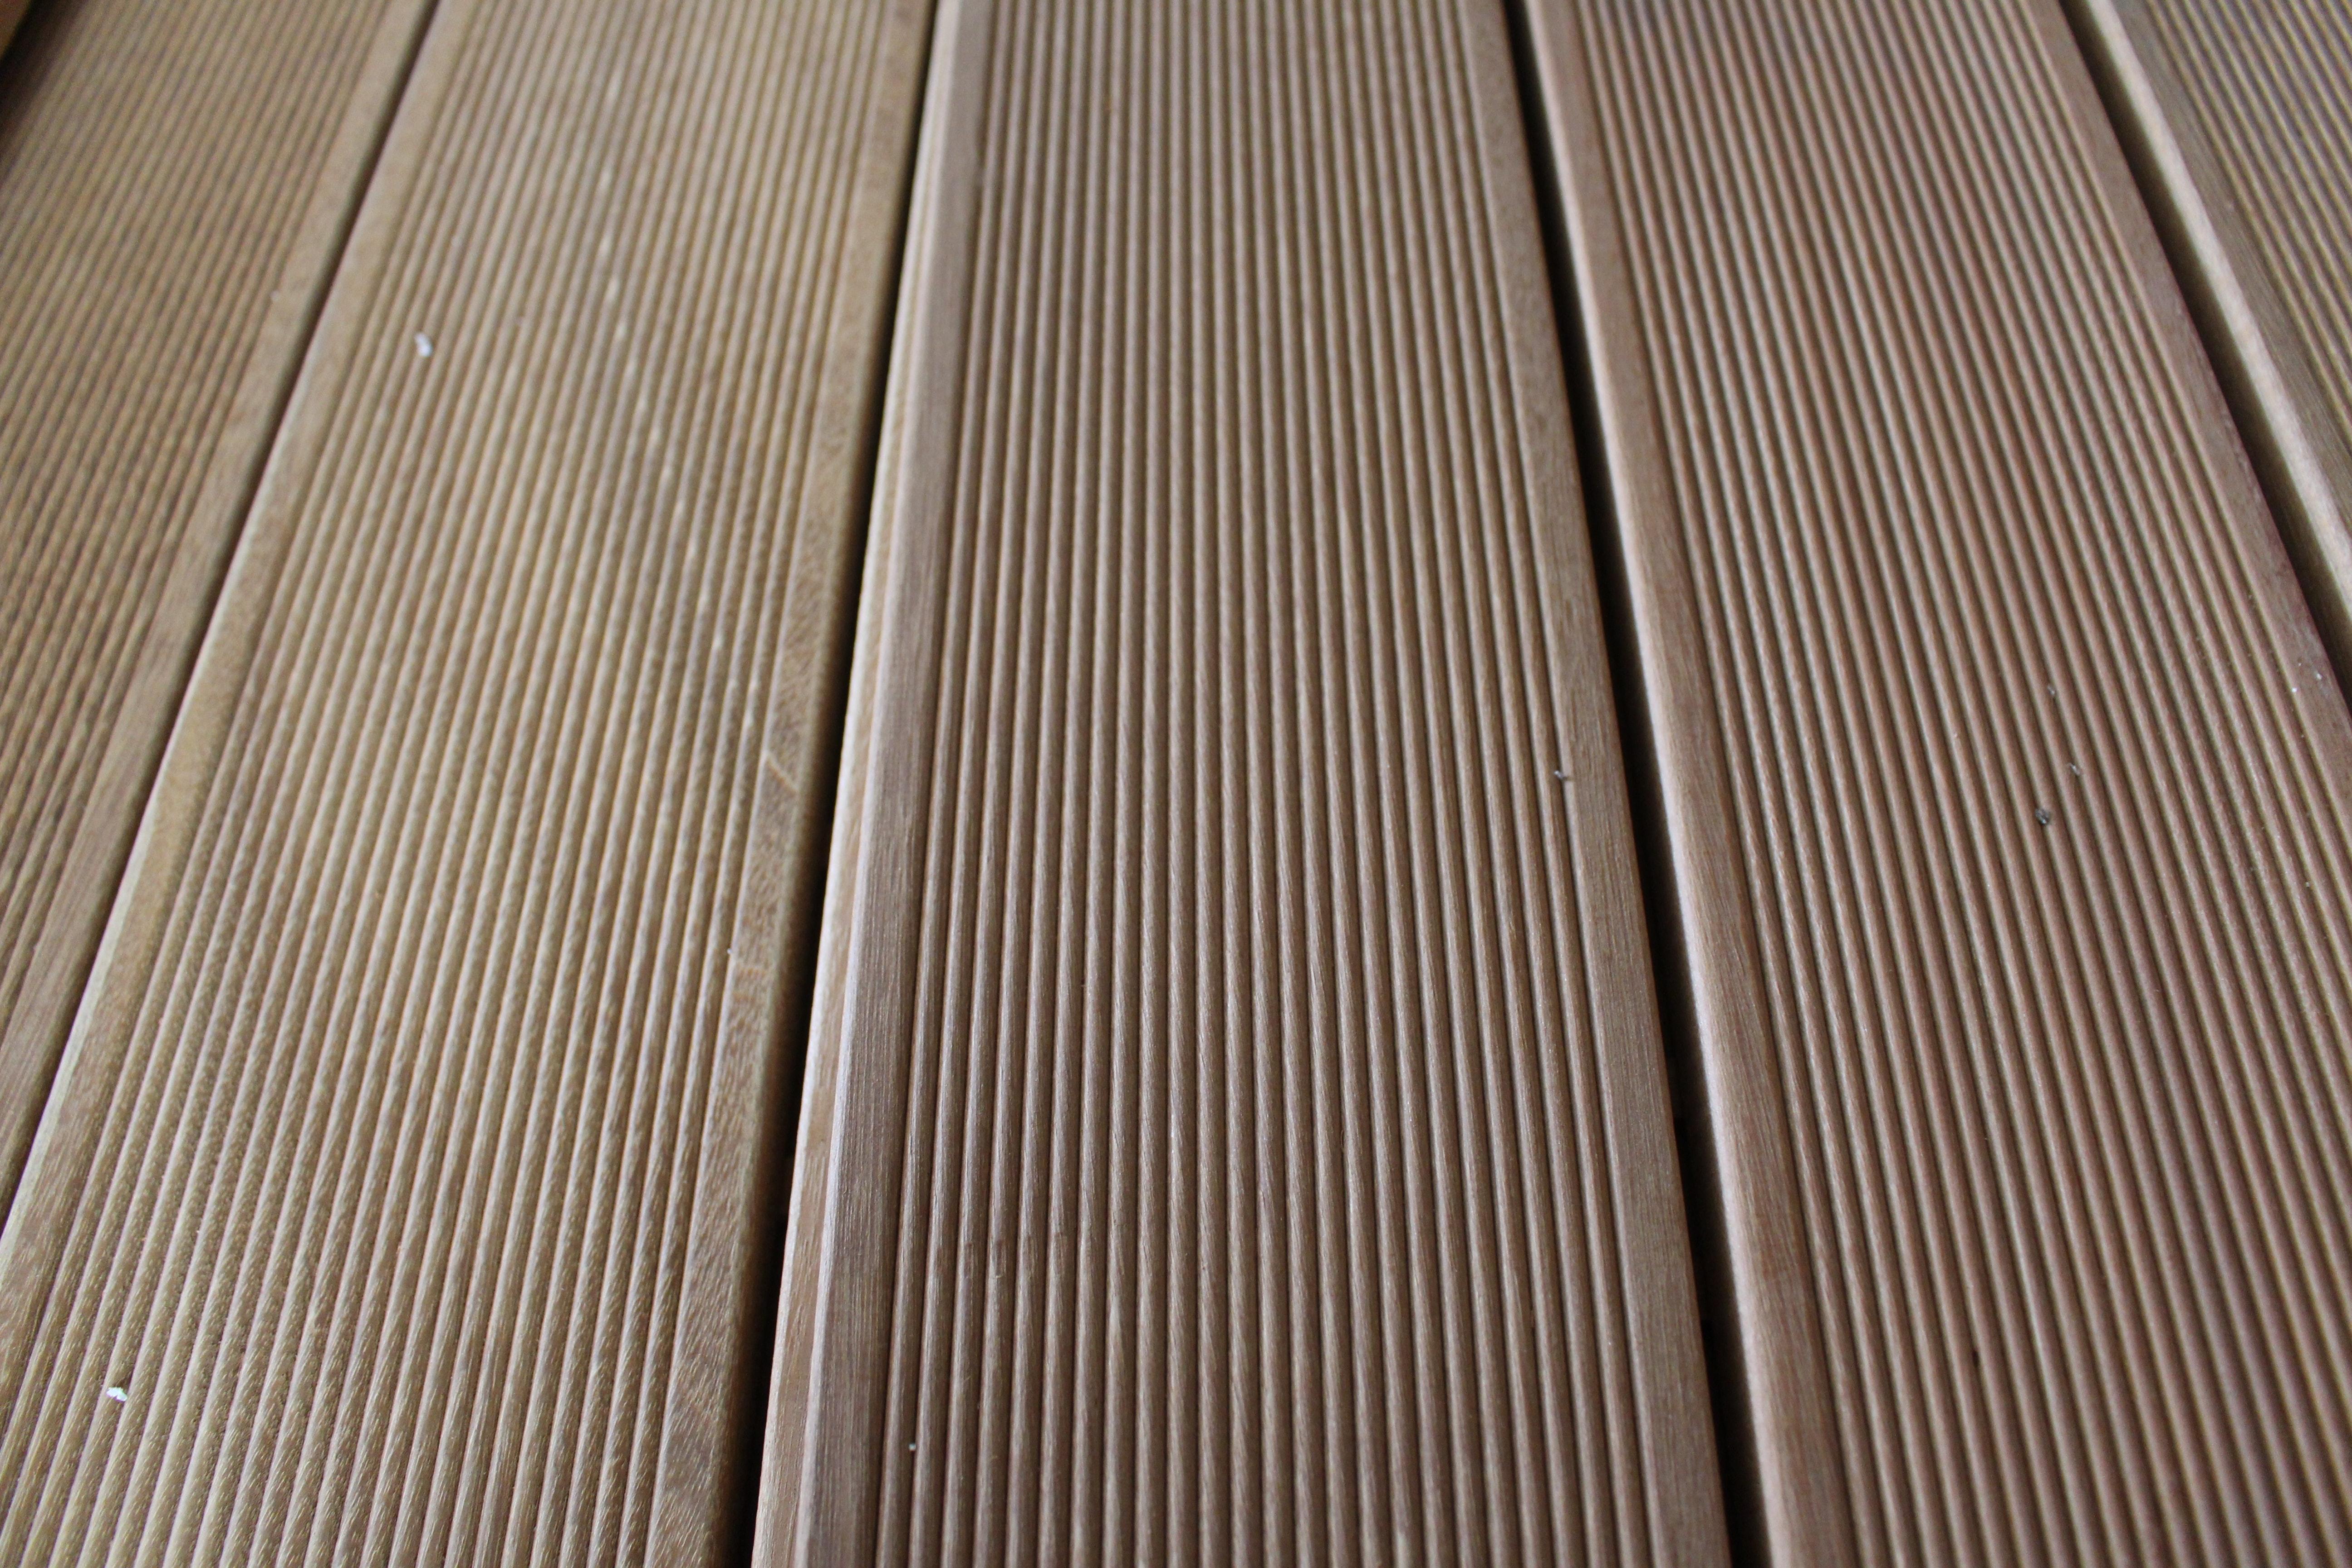 Promotion terrasse en bois exotique bankirai - vue 2